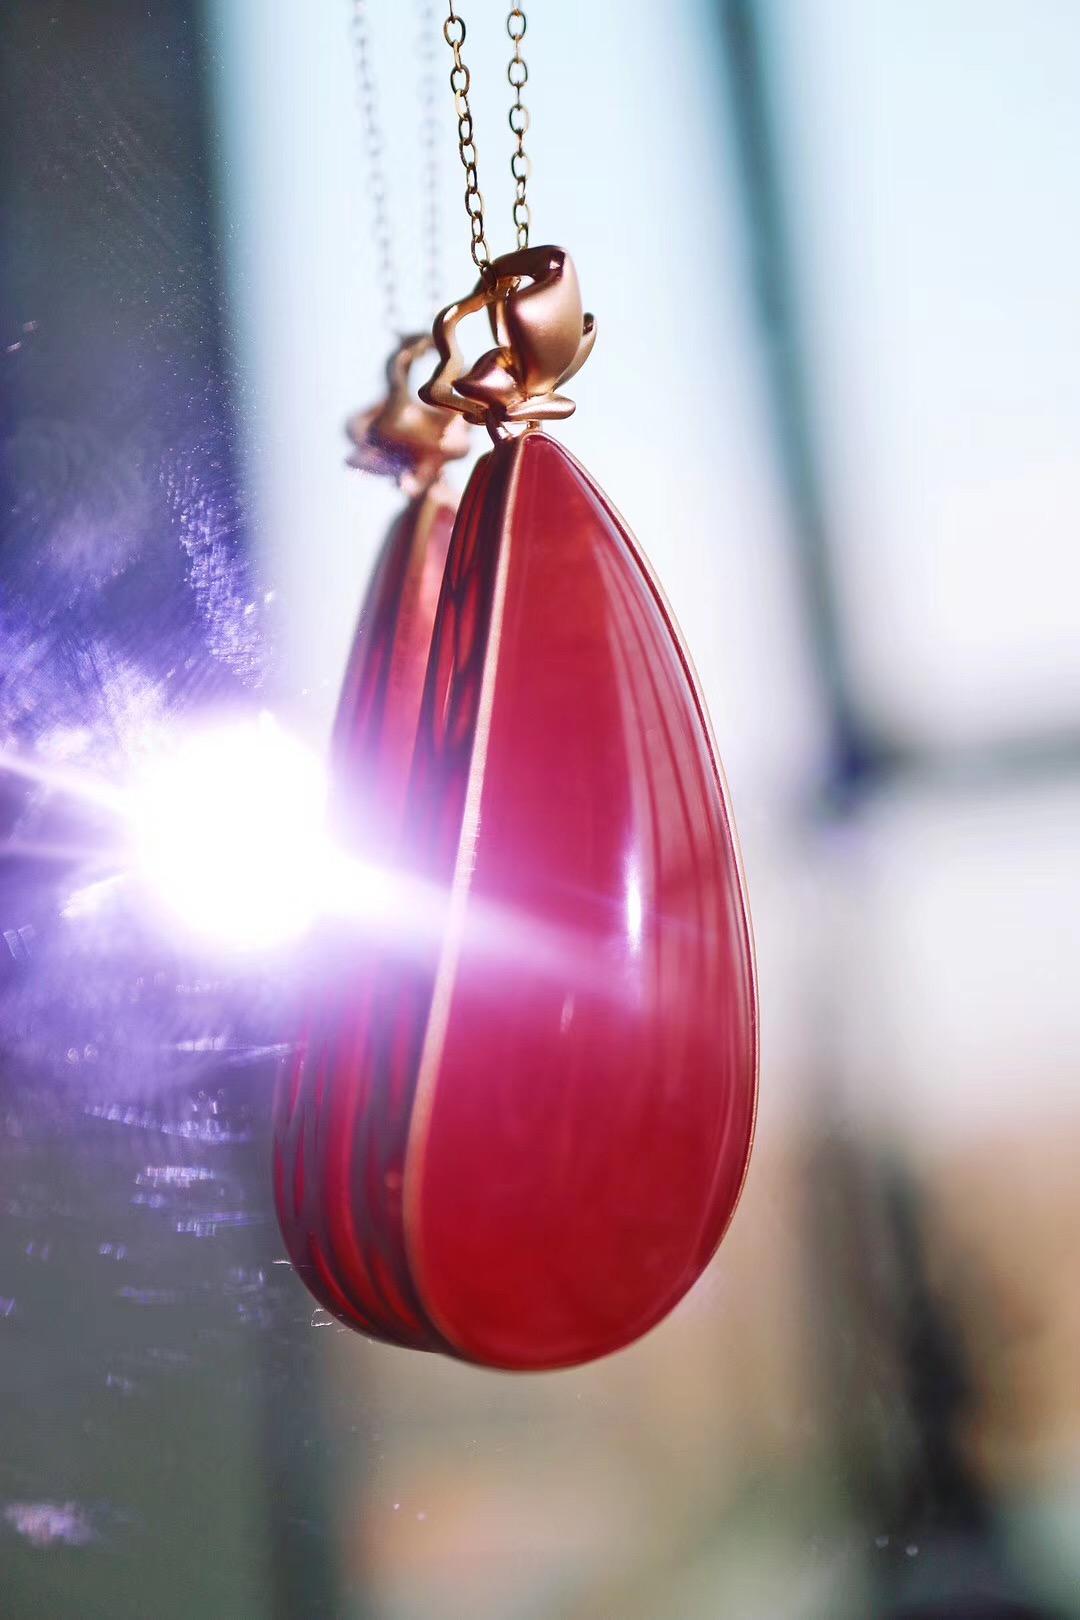 【菩心-红纹石】一枚红纹石坠,可性感,可清心,爱!!-菩心晶舍